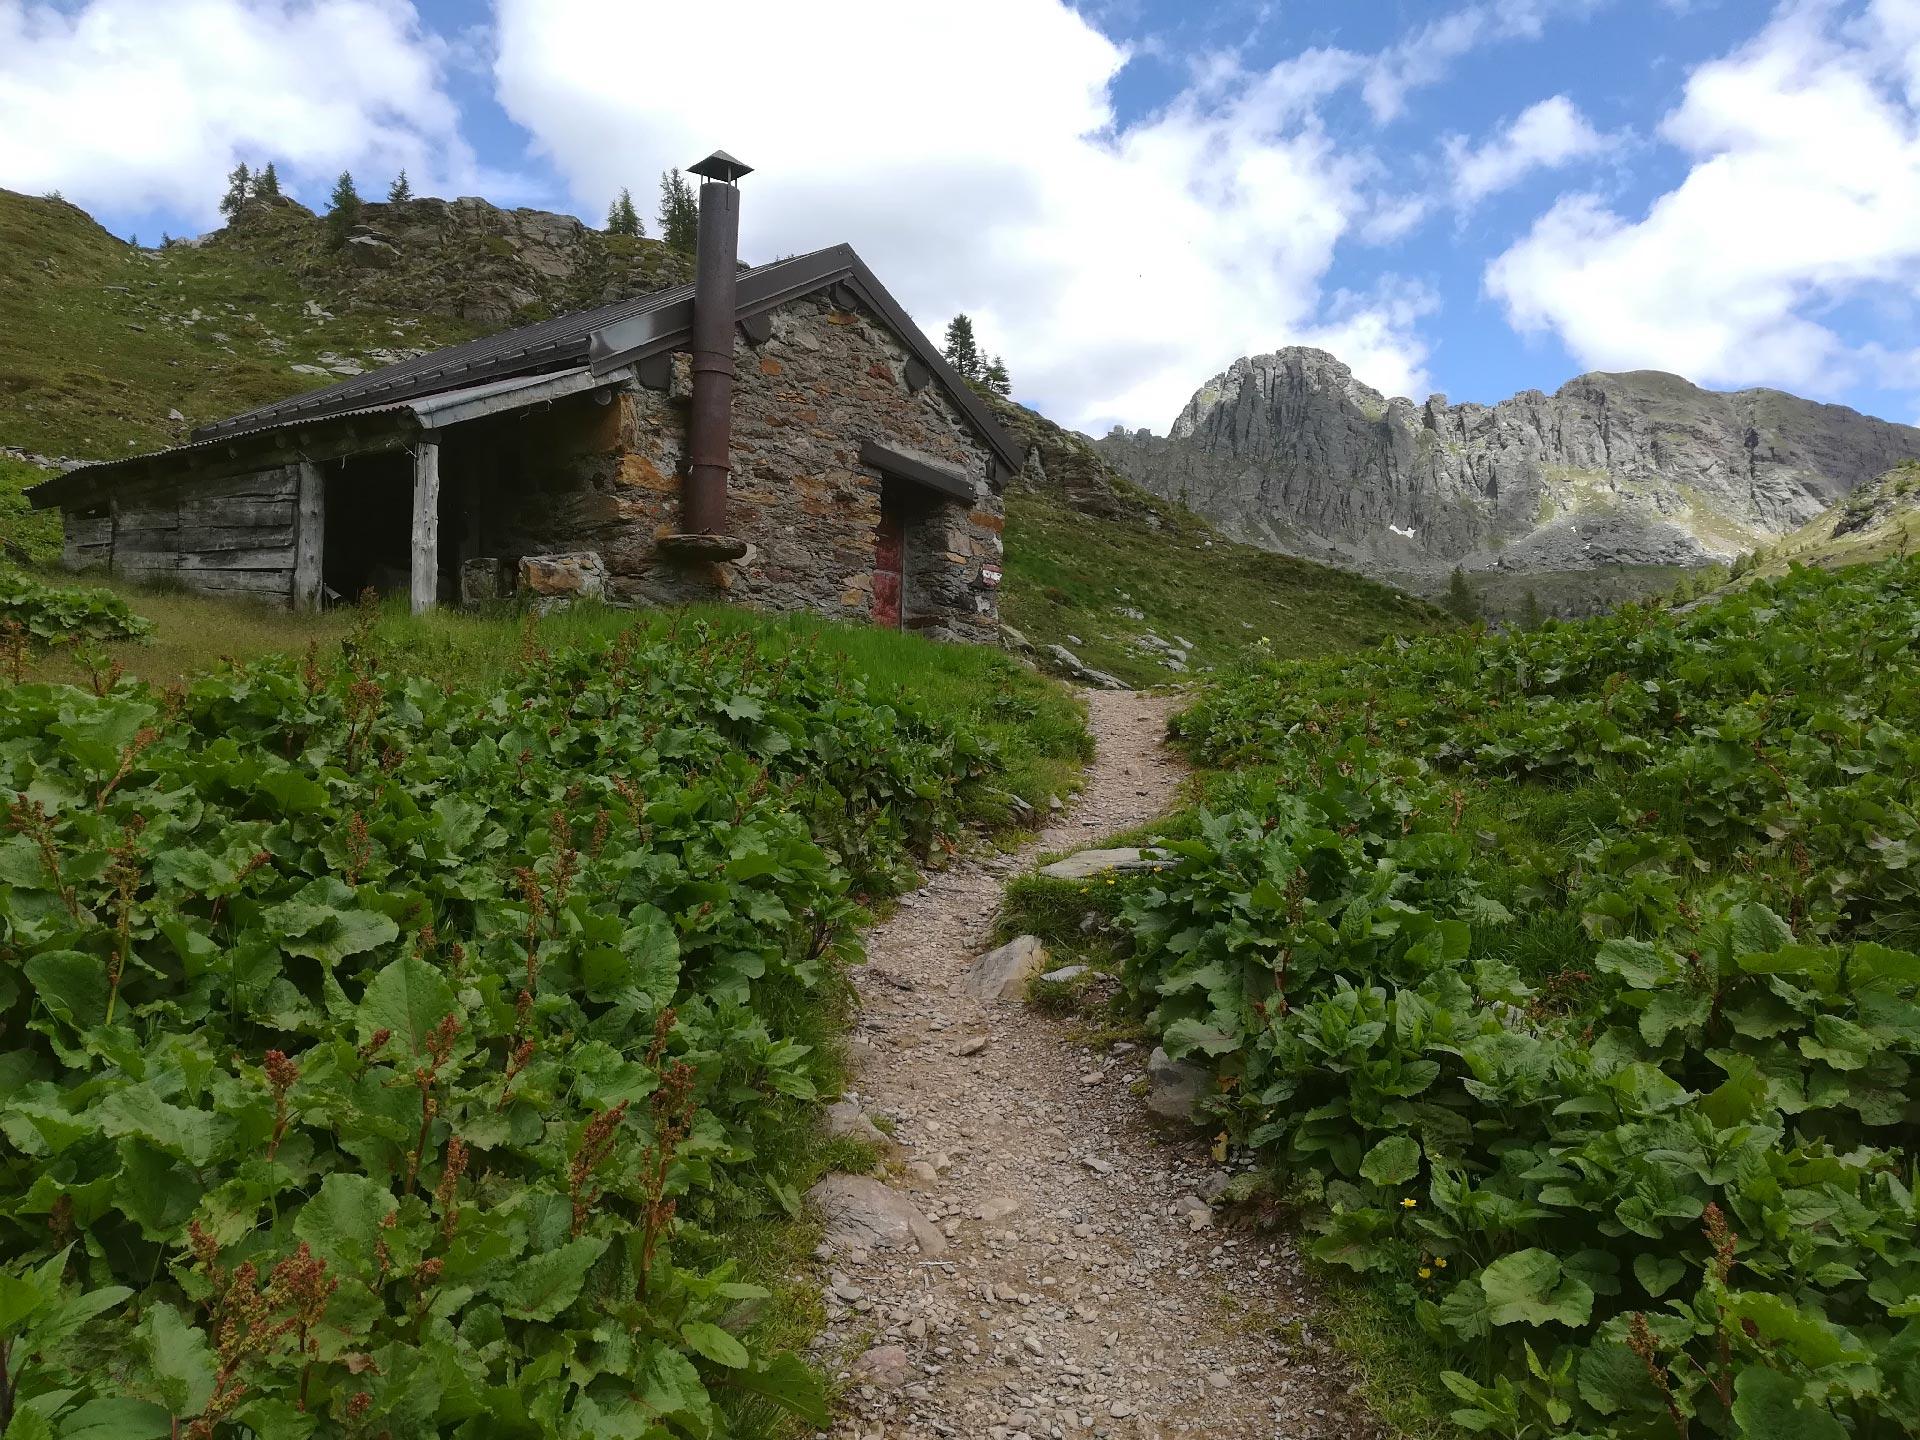 una baita in pietra nei pressi dei laghi Gemelli, Val Brembana, Lombardia